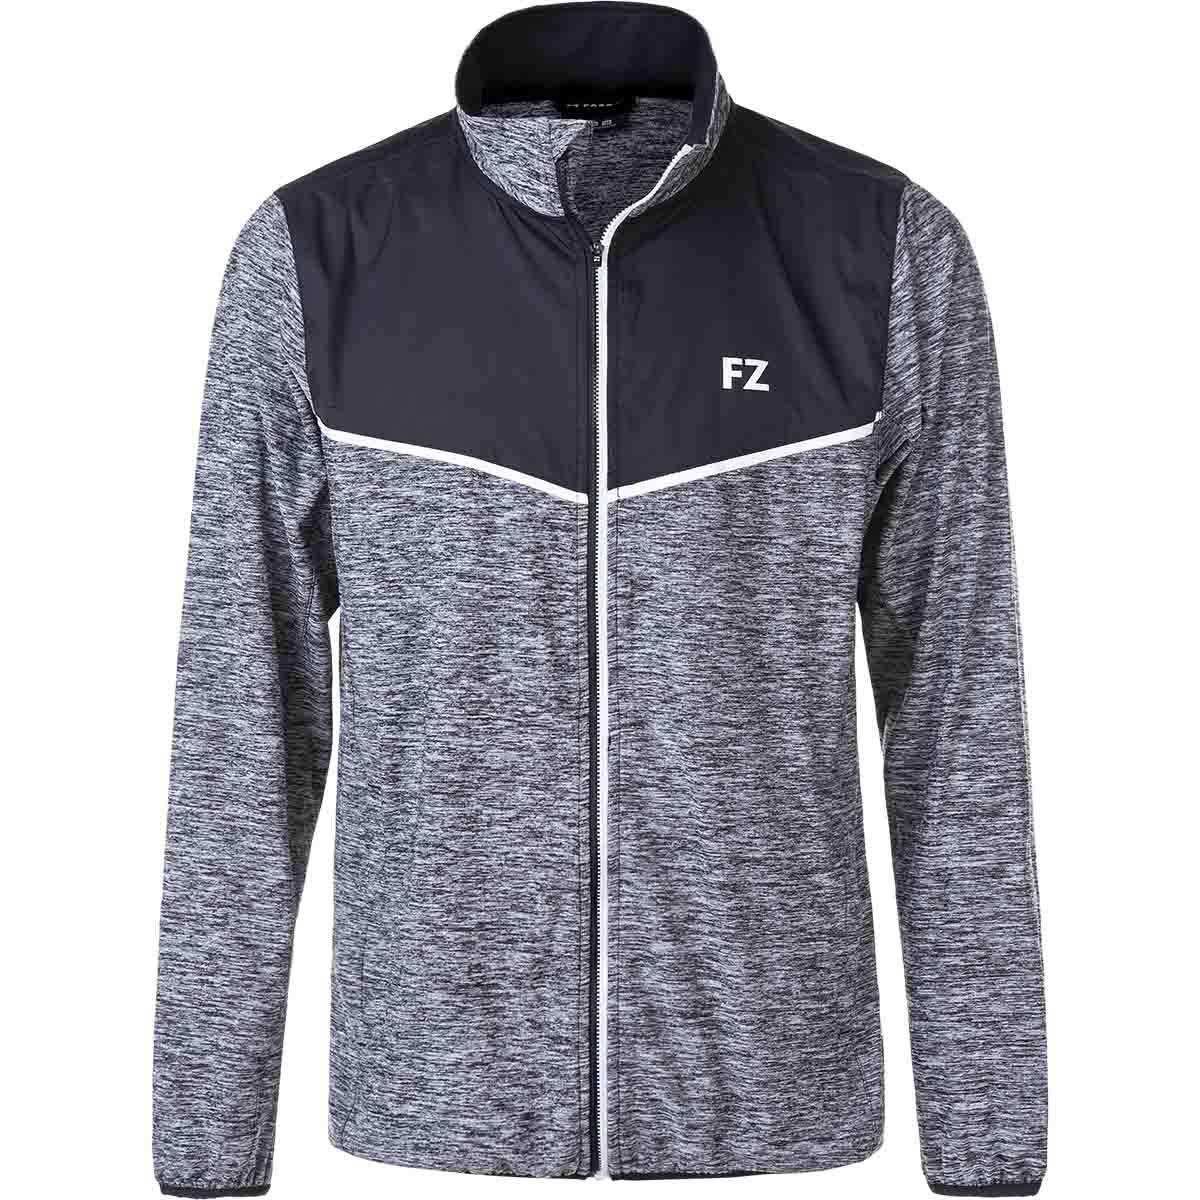 FZ Hereford jacket